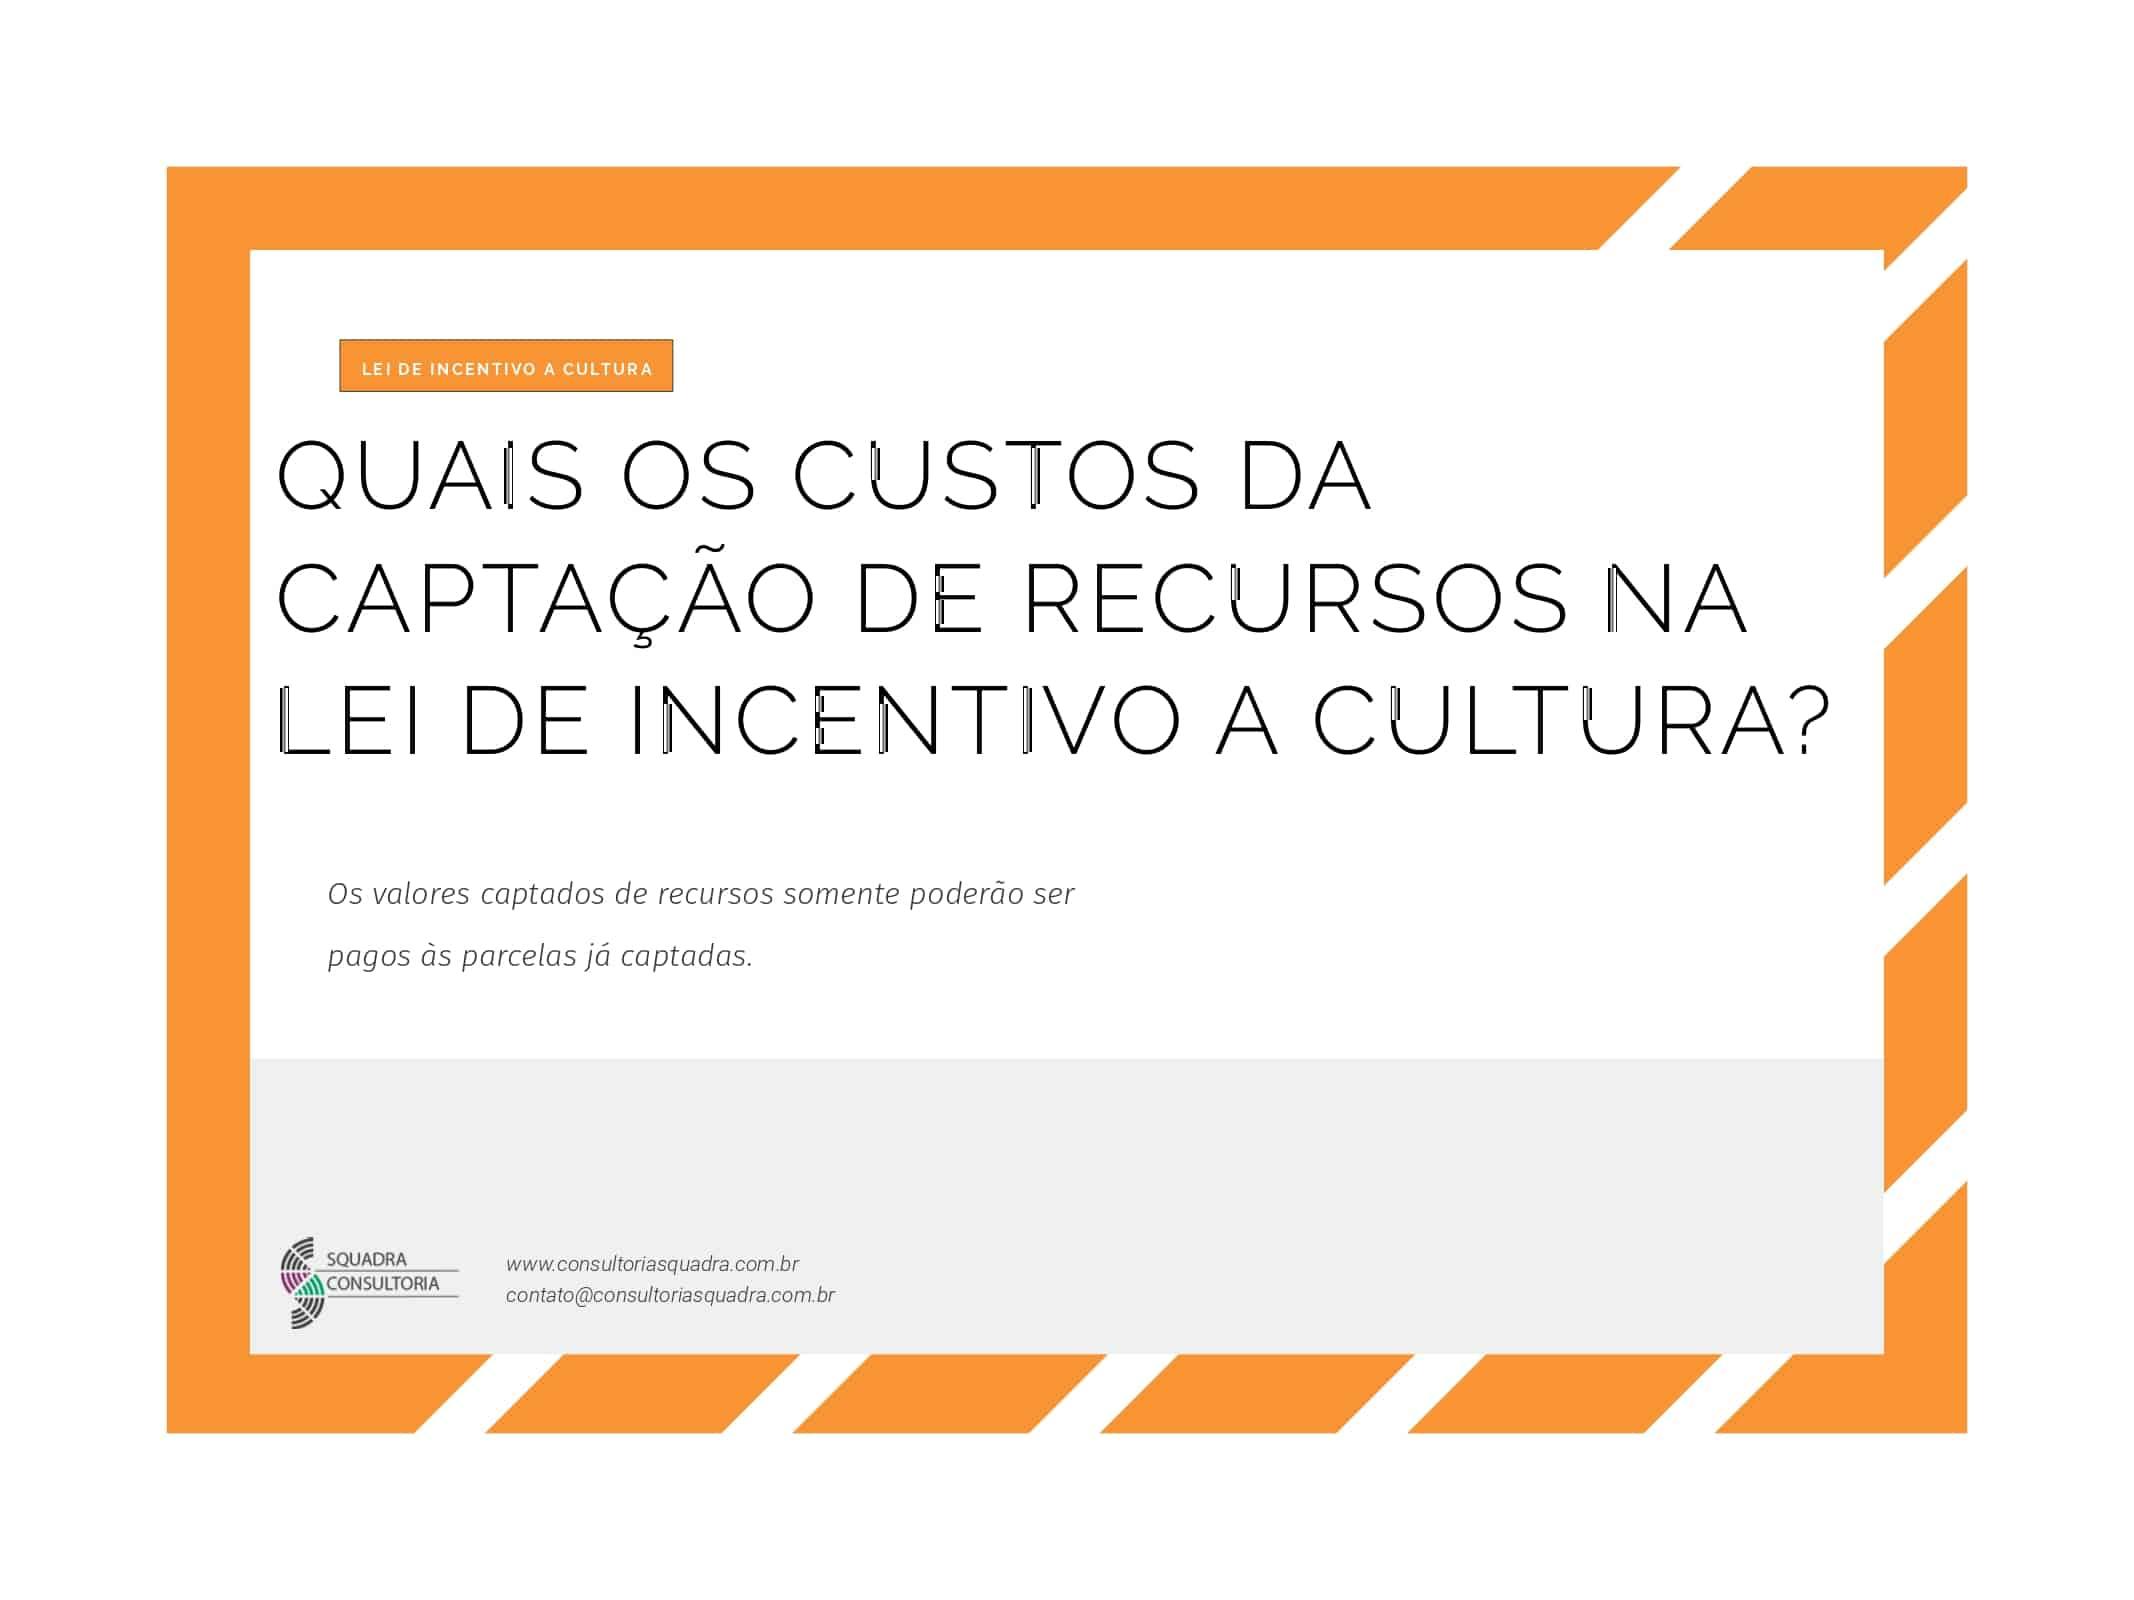 Quais os custos da captacao de recursos na Lei de Incentivo a Cultura